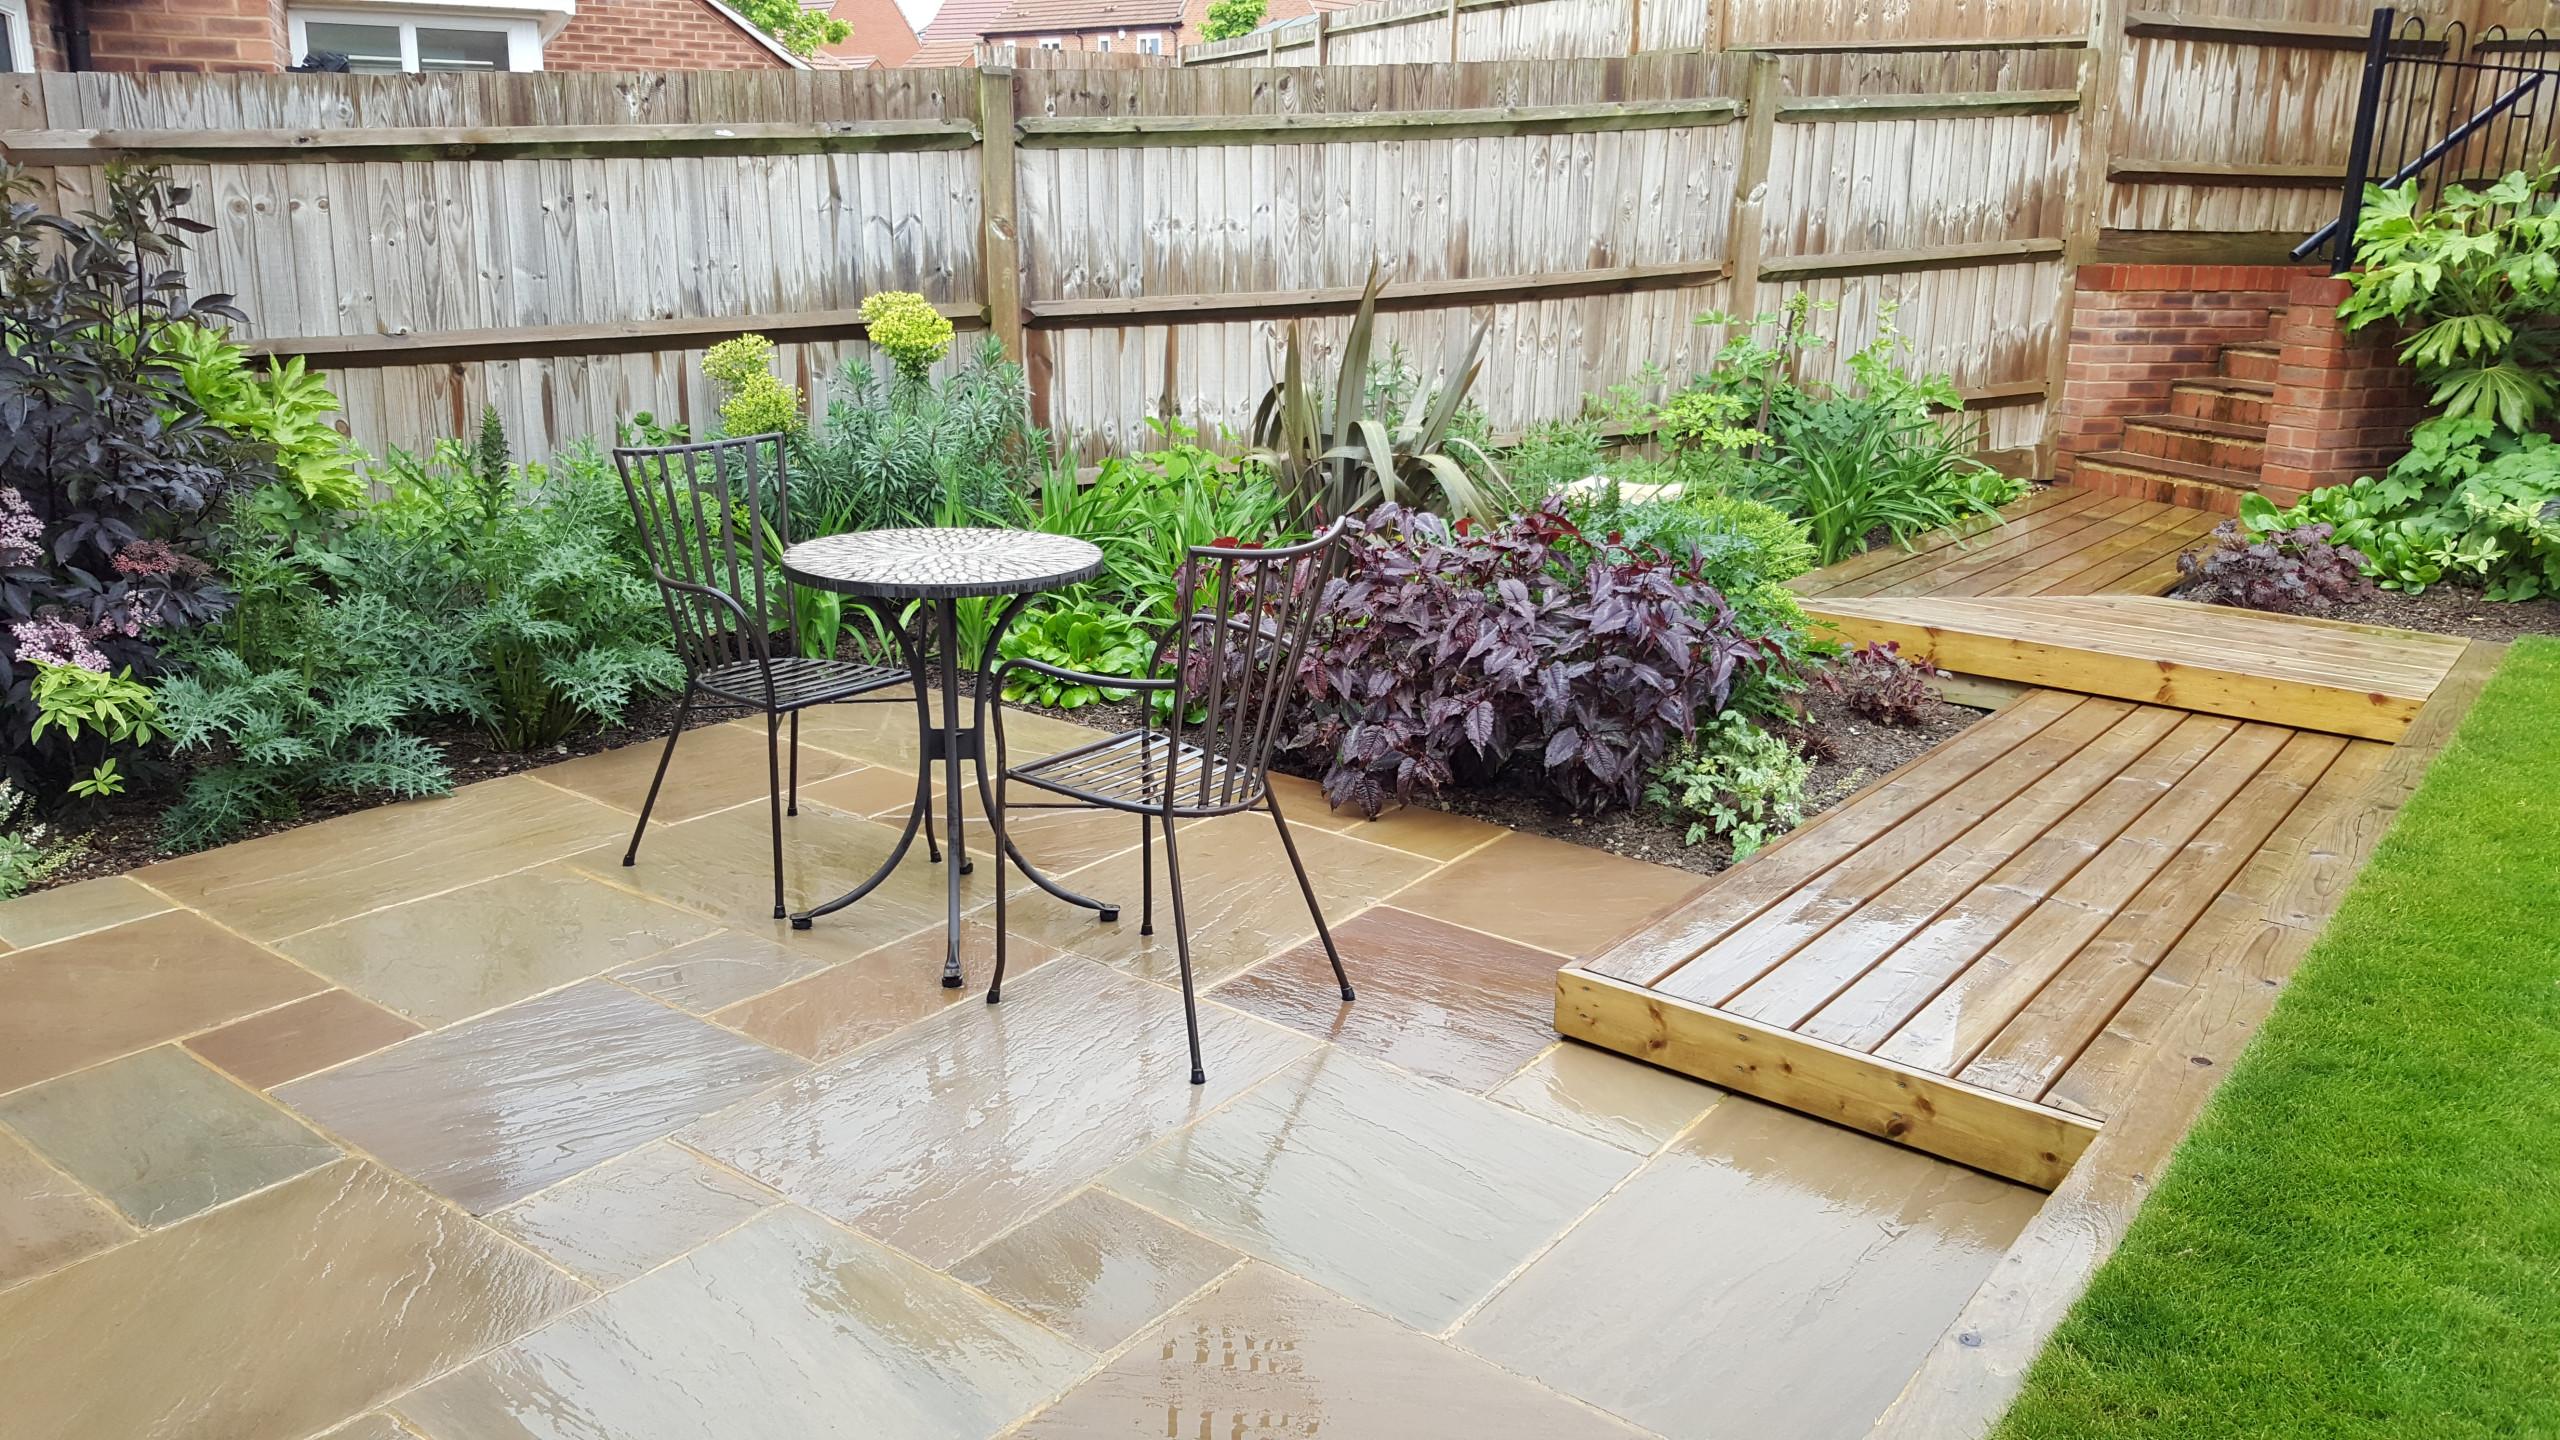 Appledown contemporary garden